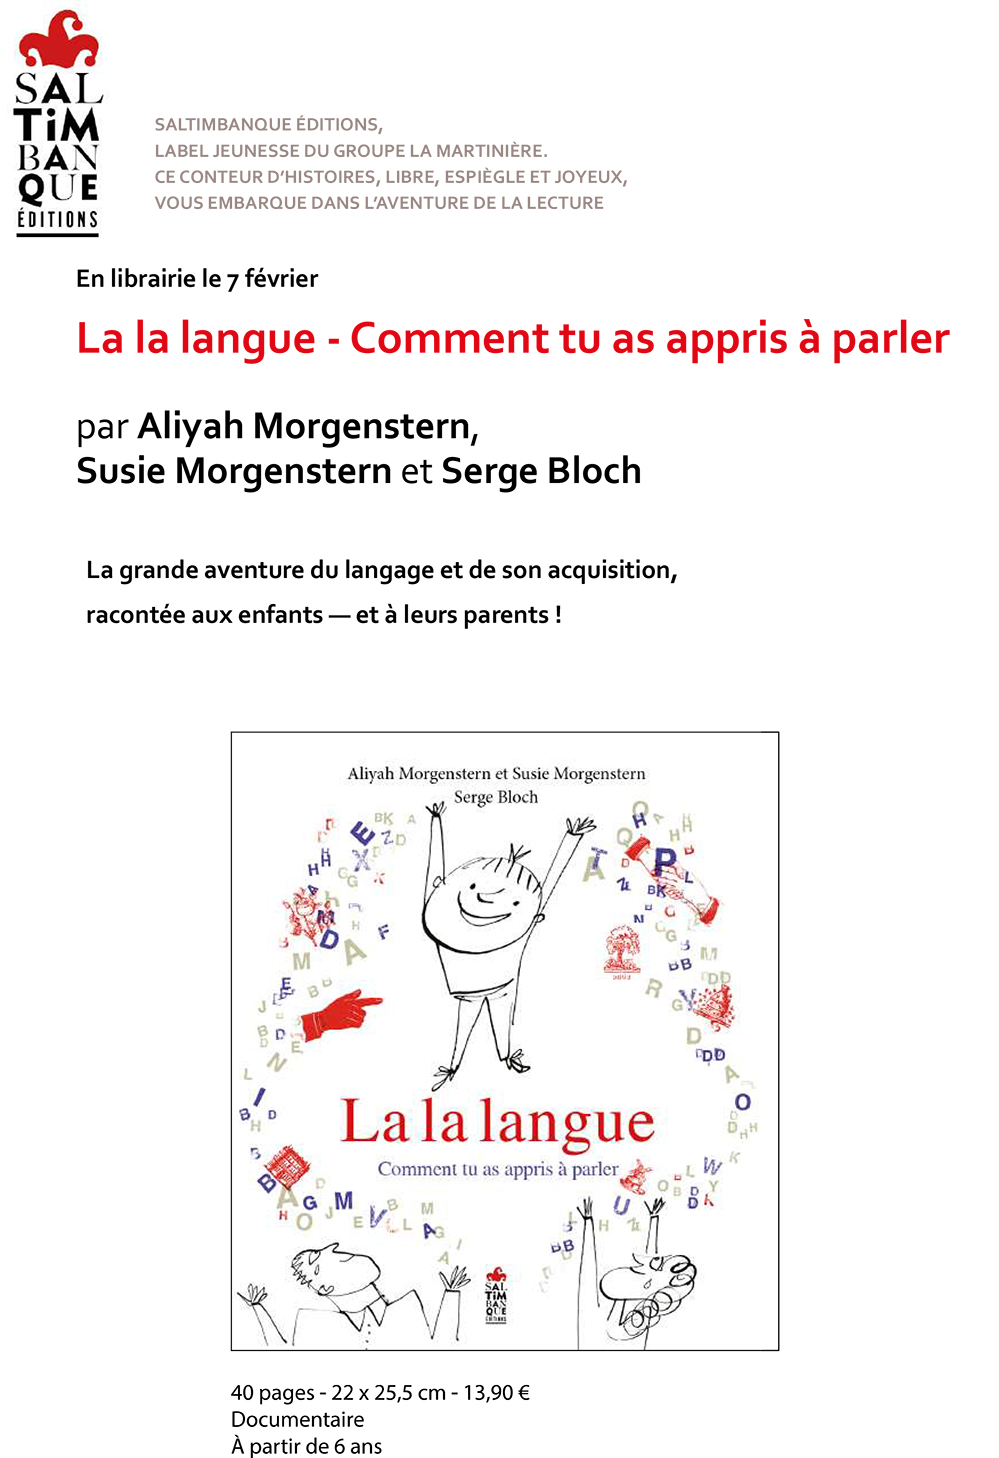 CP La la langue - Comment tu as appris à parler-1.jpg